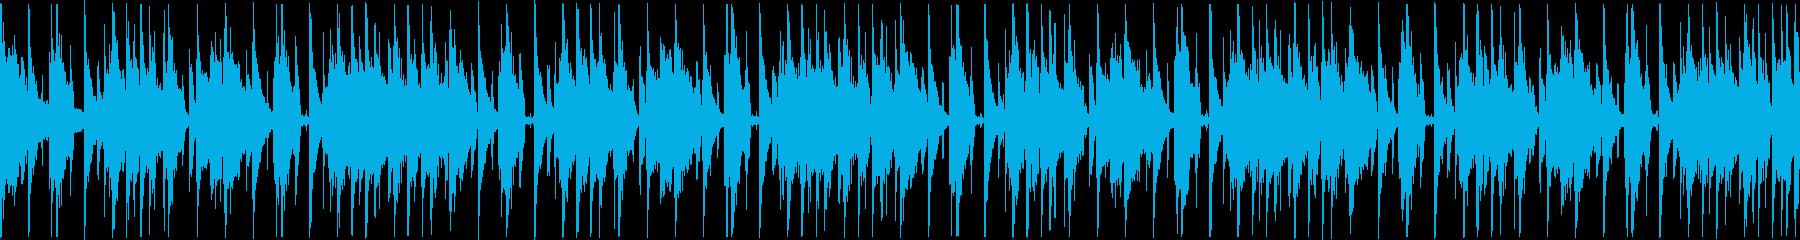 TikTok ノリノリ ファンク ループの再生済みの波形